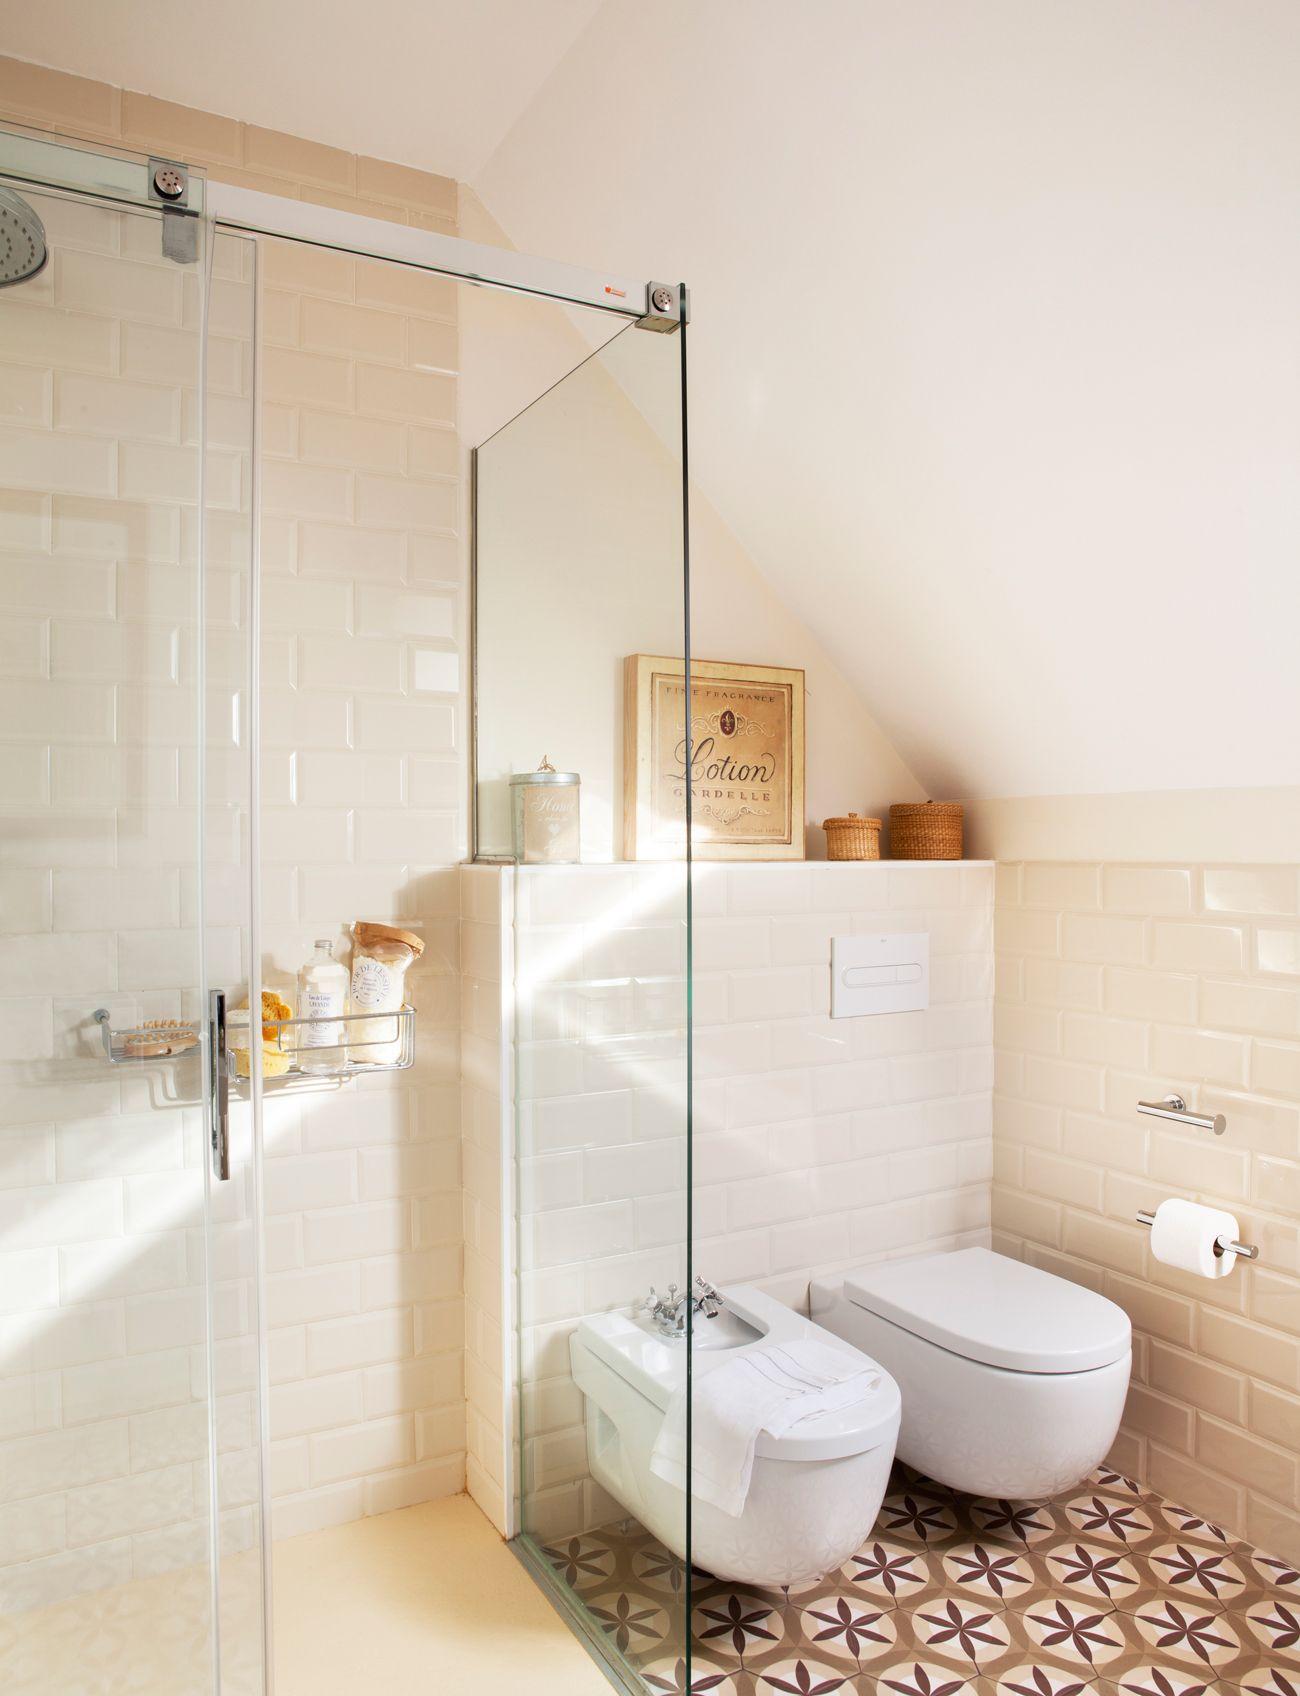 En cabina con corredera cuartos ba os duchas y cuarto de ba o - Banos y duchas ...